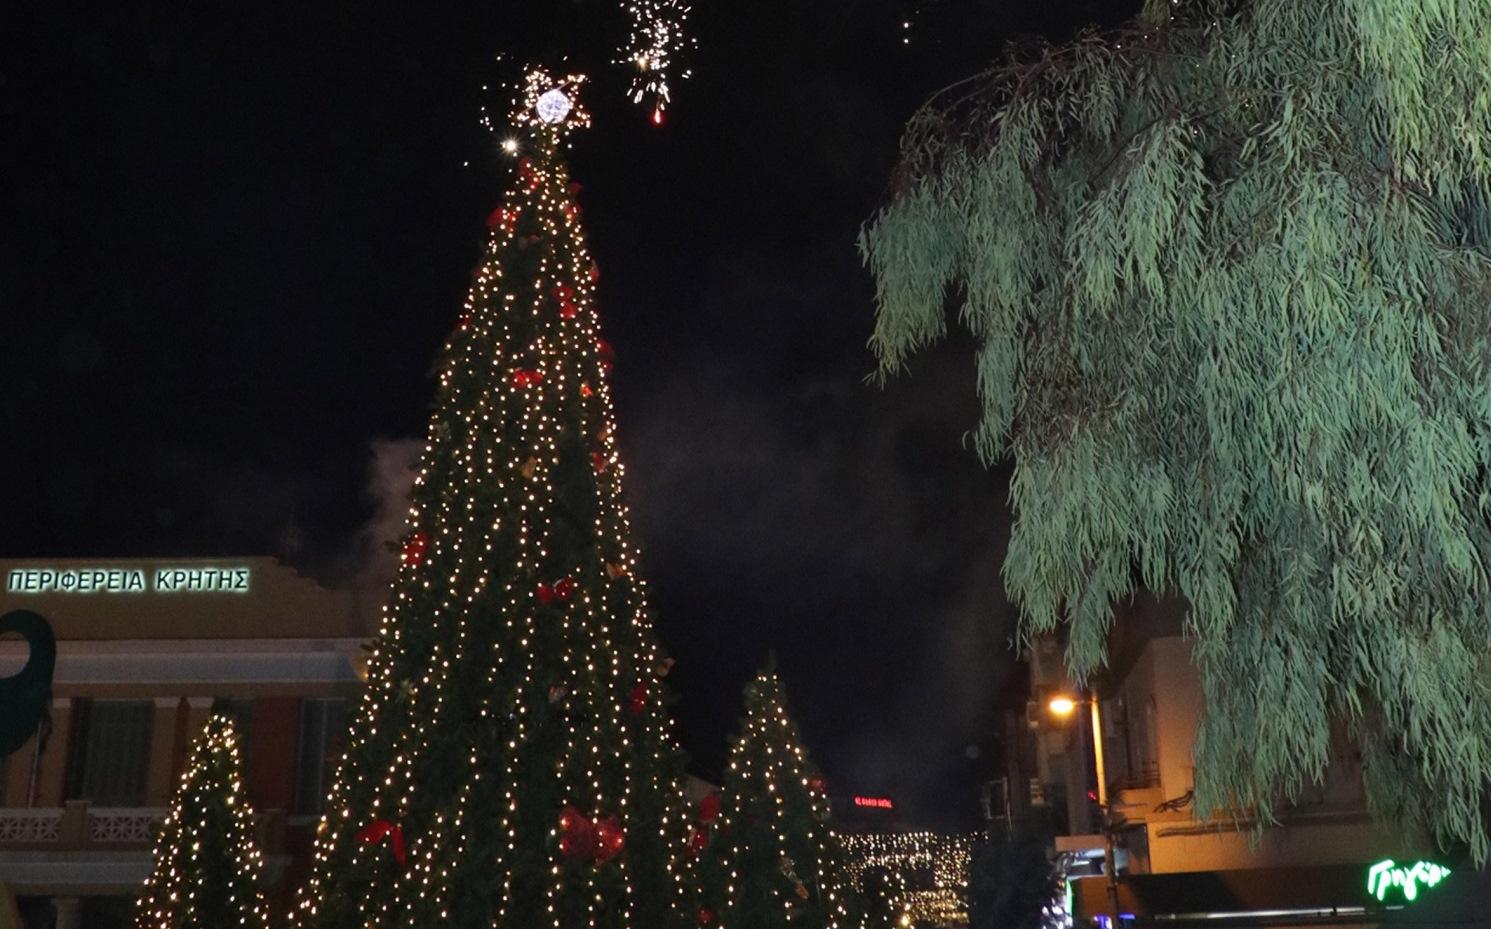 Την Παρασκευή η φωταγώγηση του Χριστουγεννιάτικου δένδρου στο Γάζι με πολλές εκπλήξεις